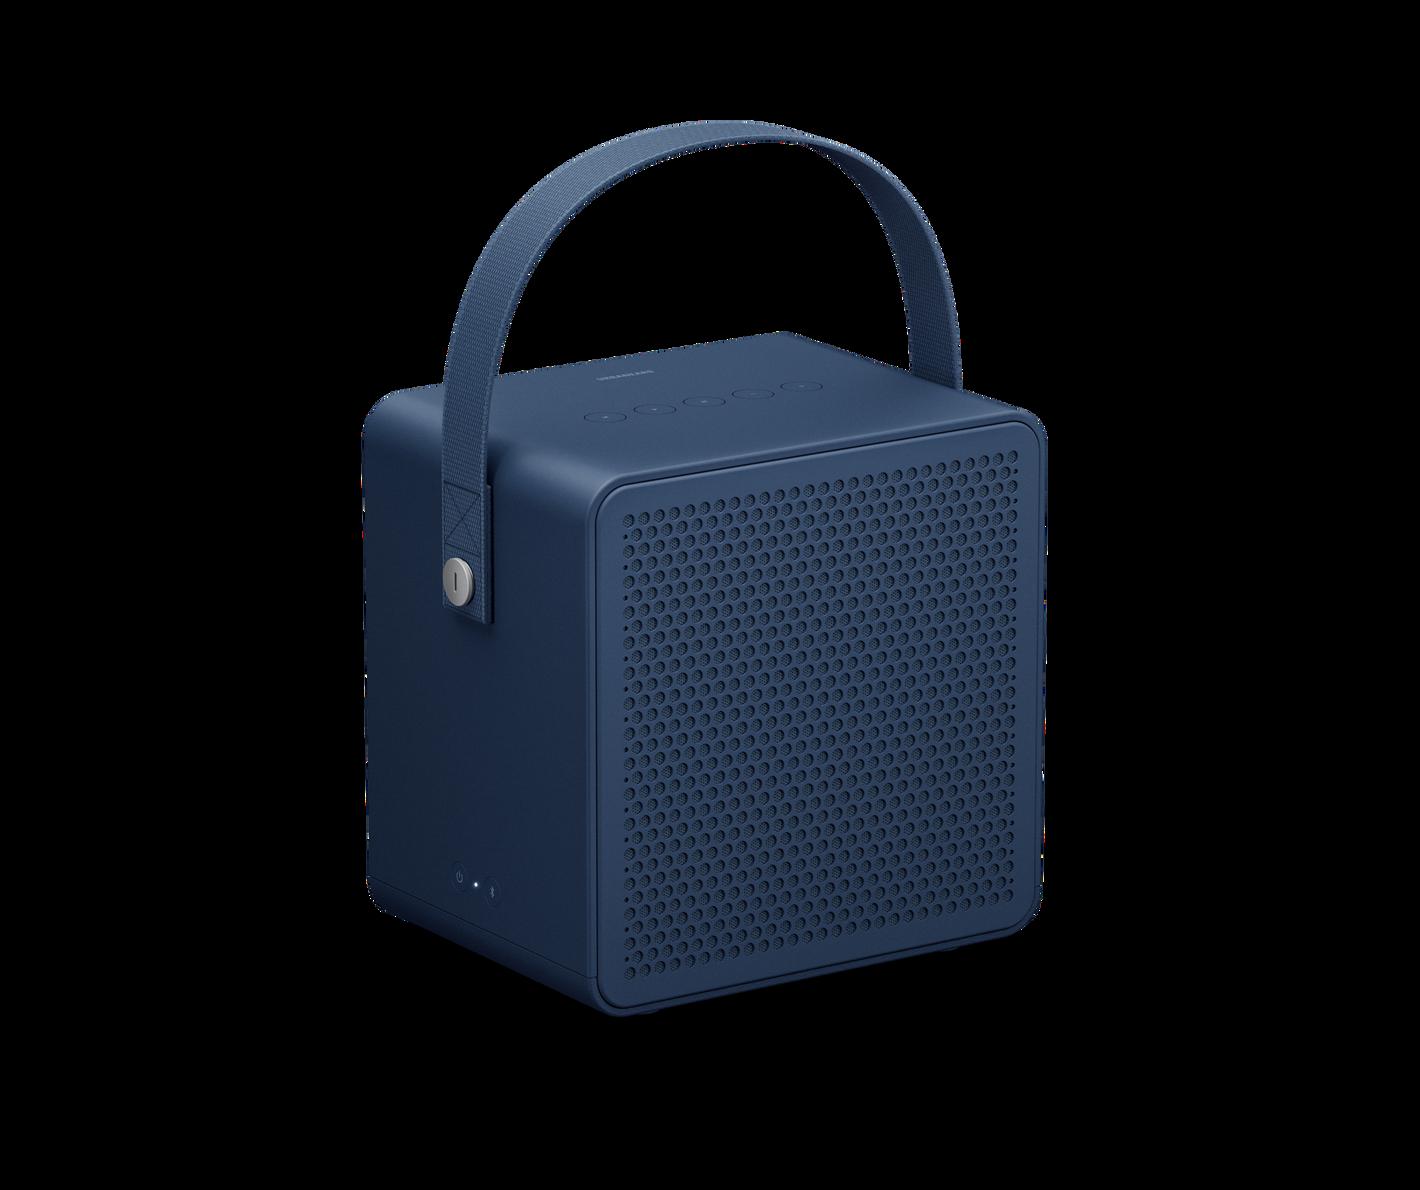 Urbanears Rålis Portable Speaker - Slate Blue